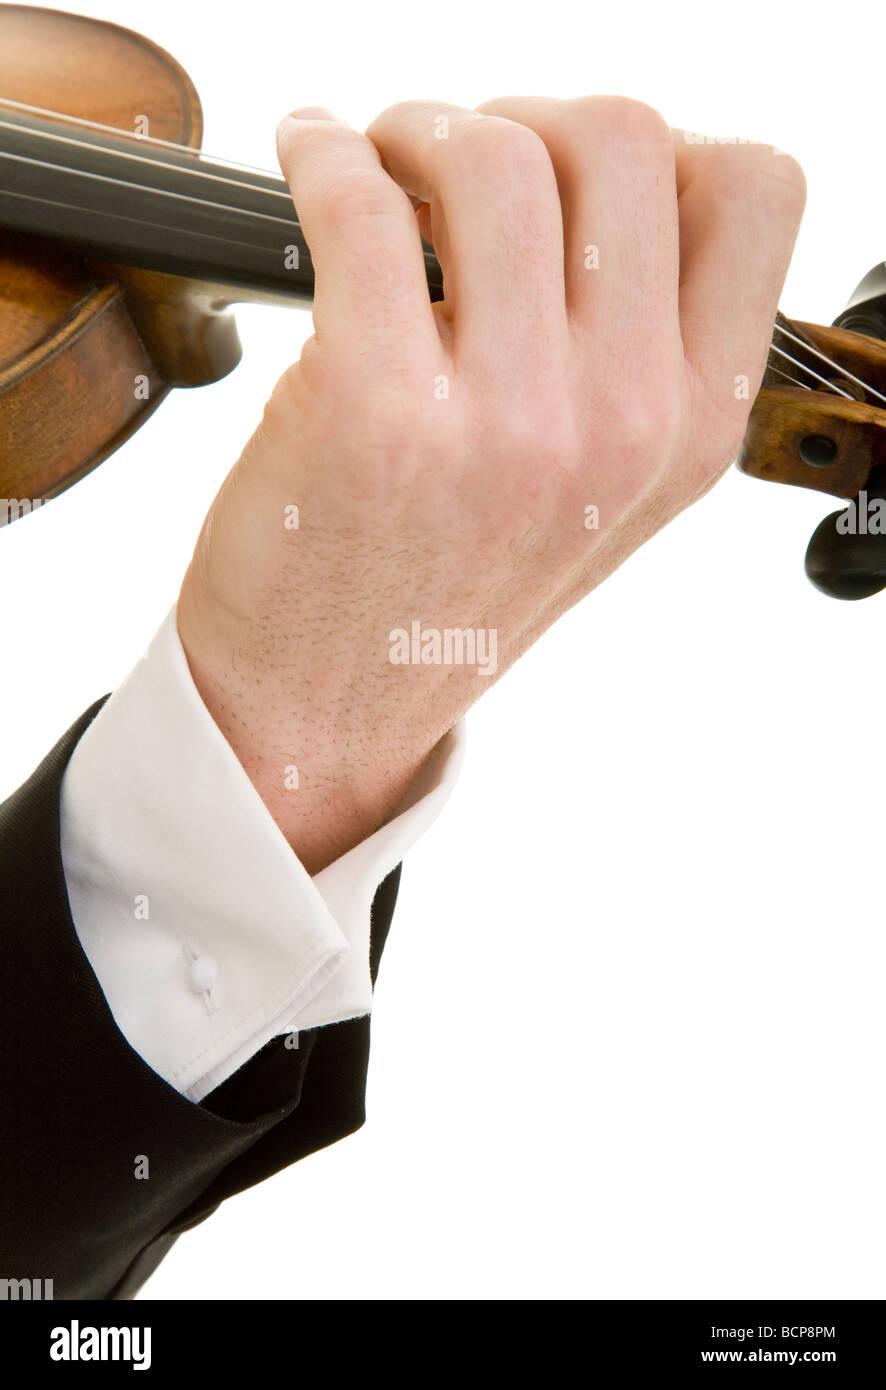 Nahaufnahme einer Hand die Violine spielt - Stock Image